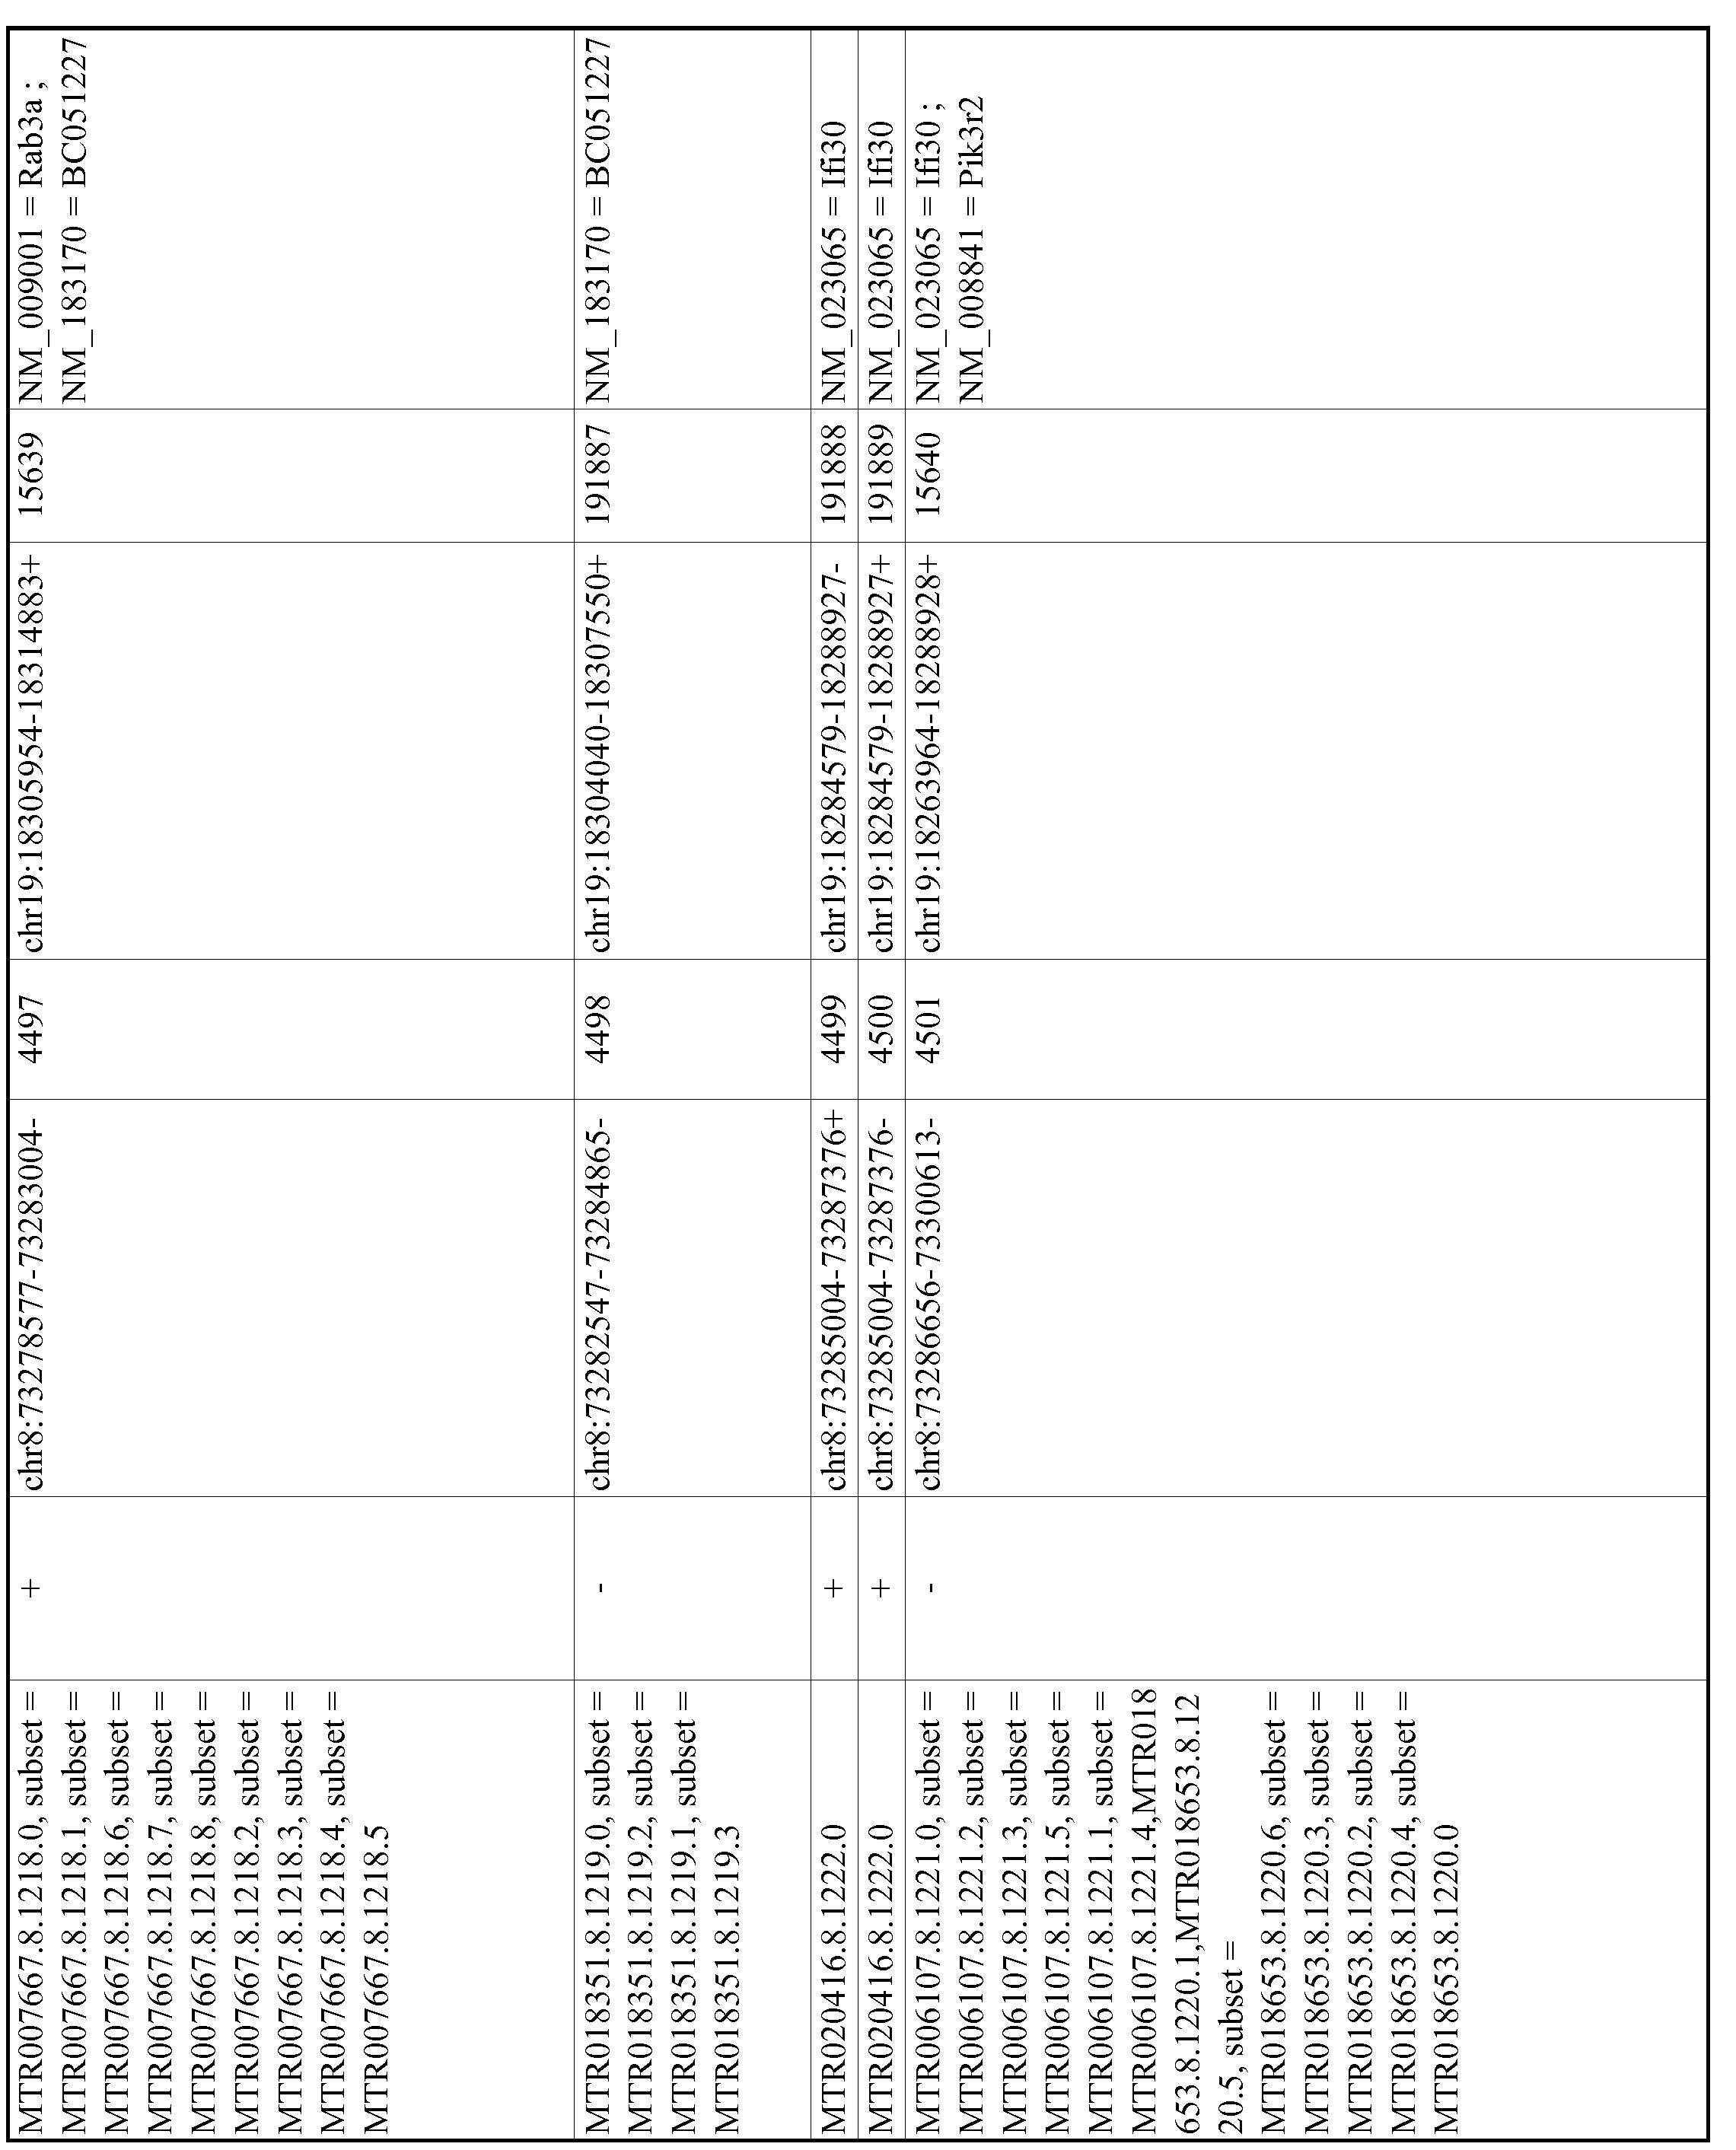 Figure imgf000836_0001